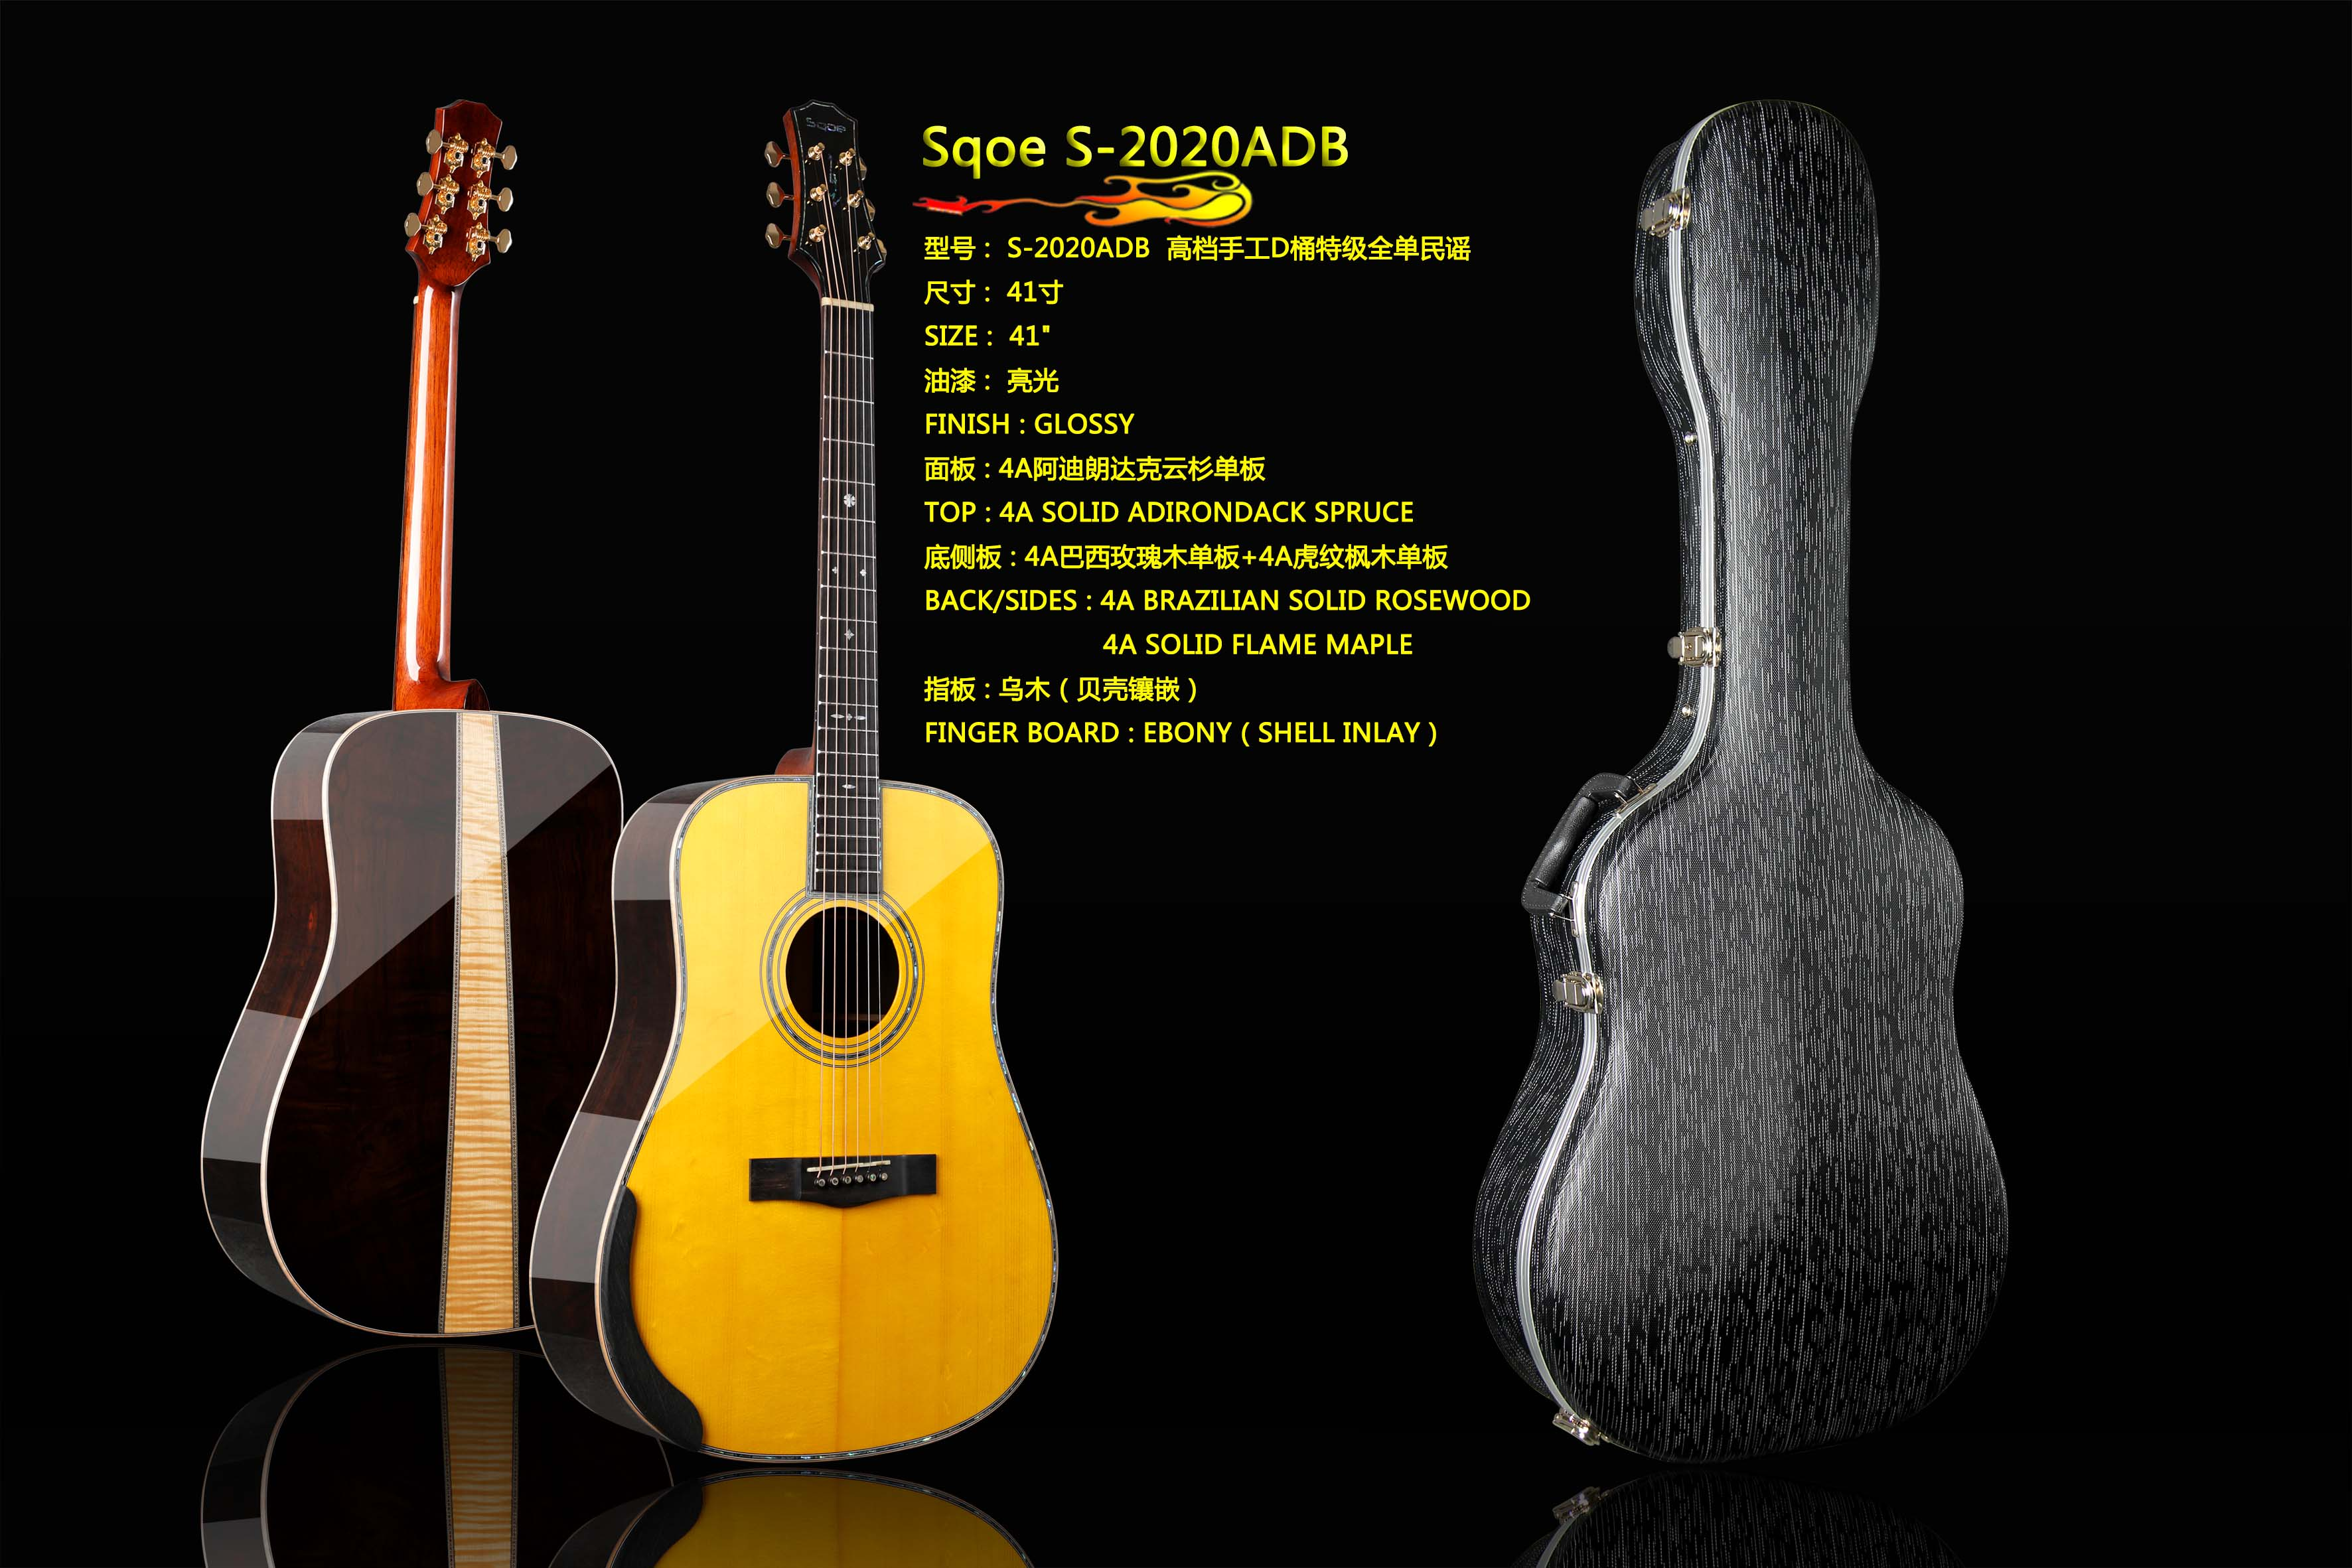 S-2020ADB